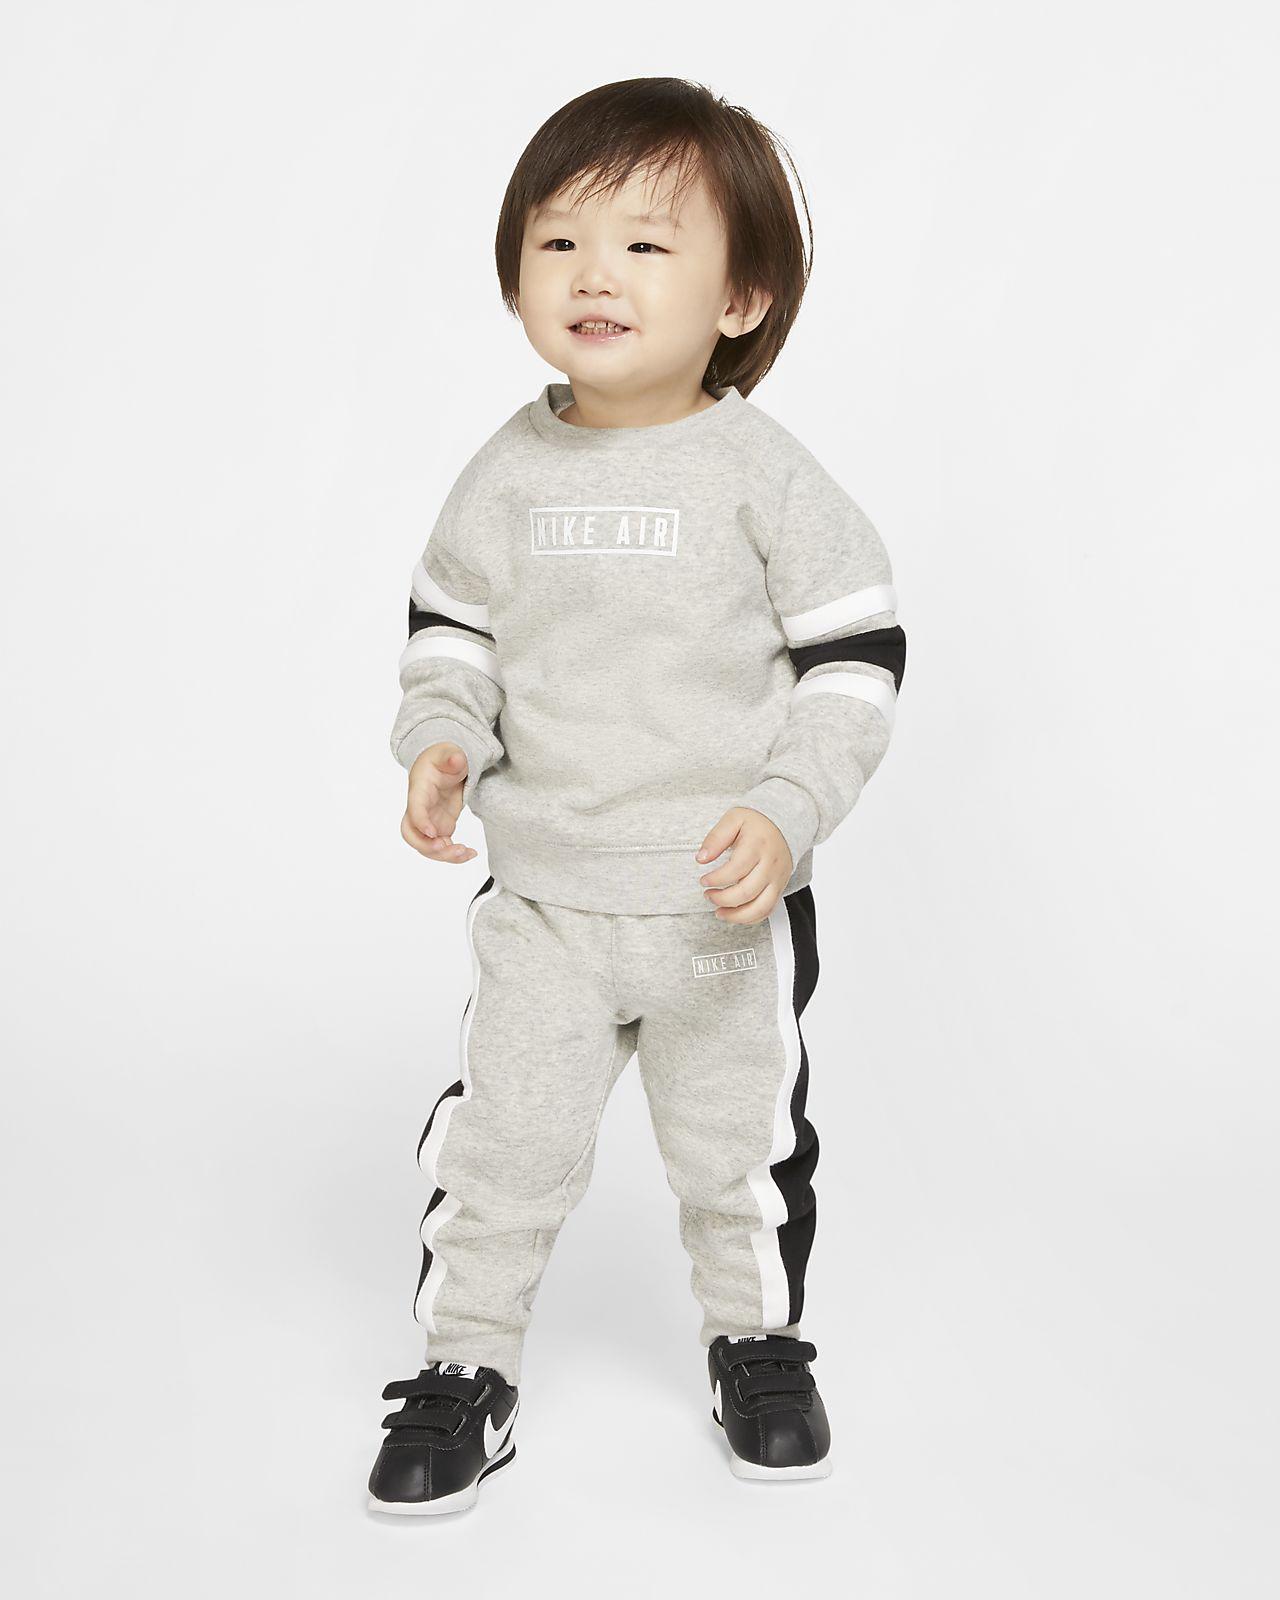 Σετ μπλούζα και παντελόνι φόρμας Nike Air για βρέφη